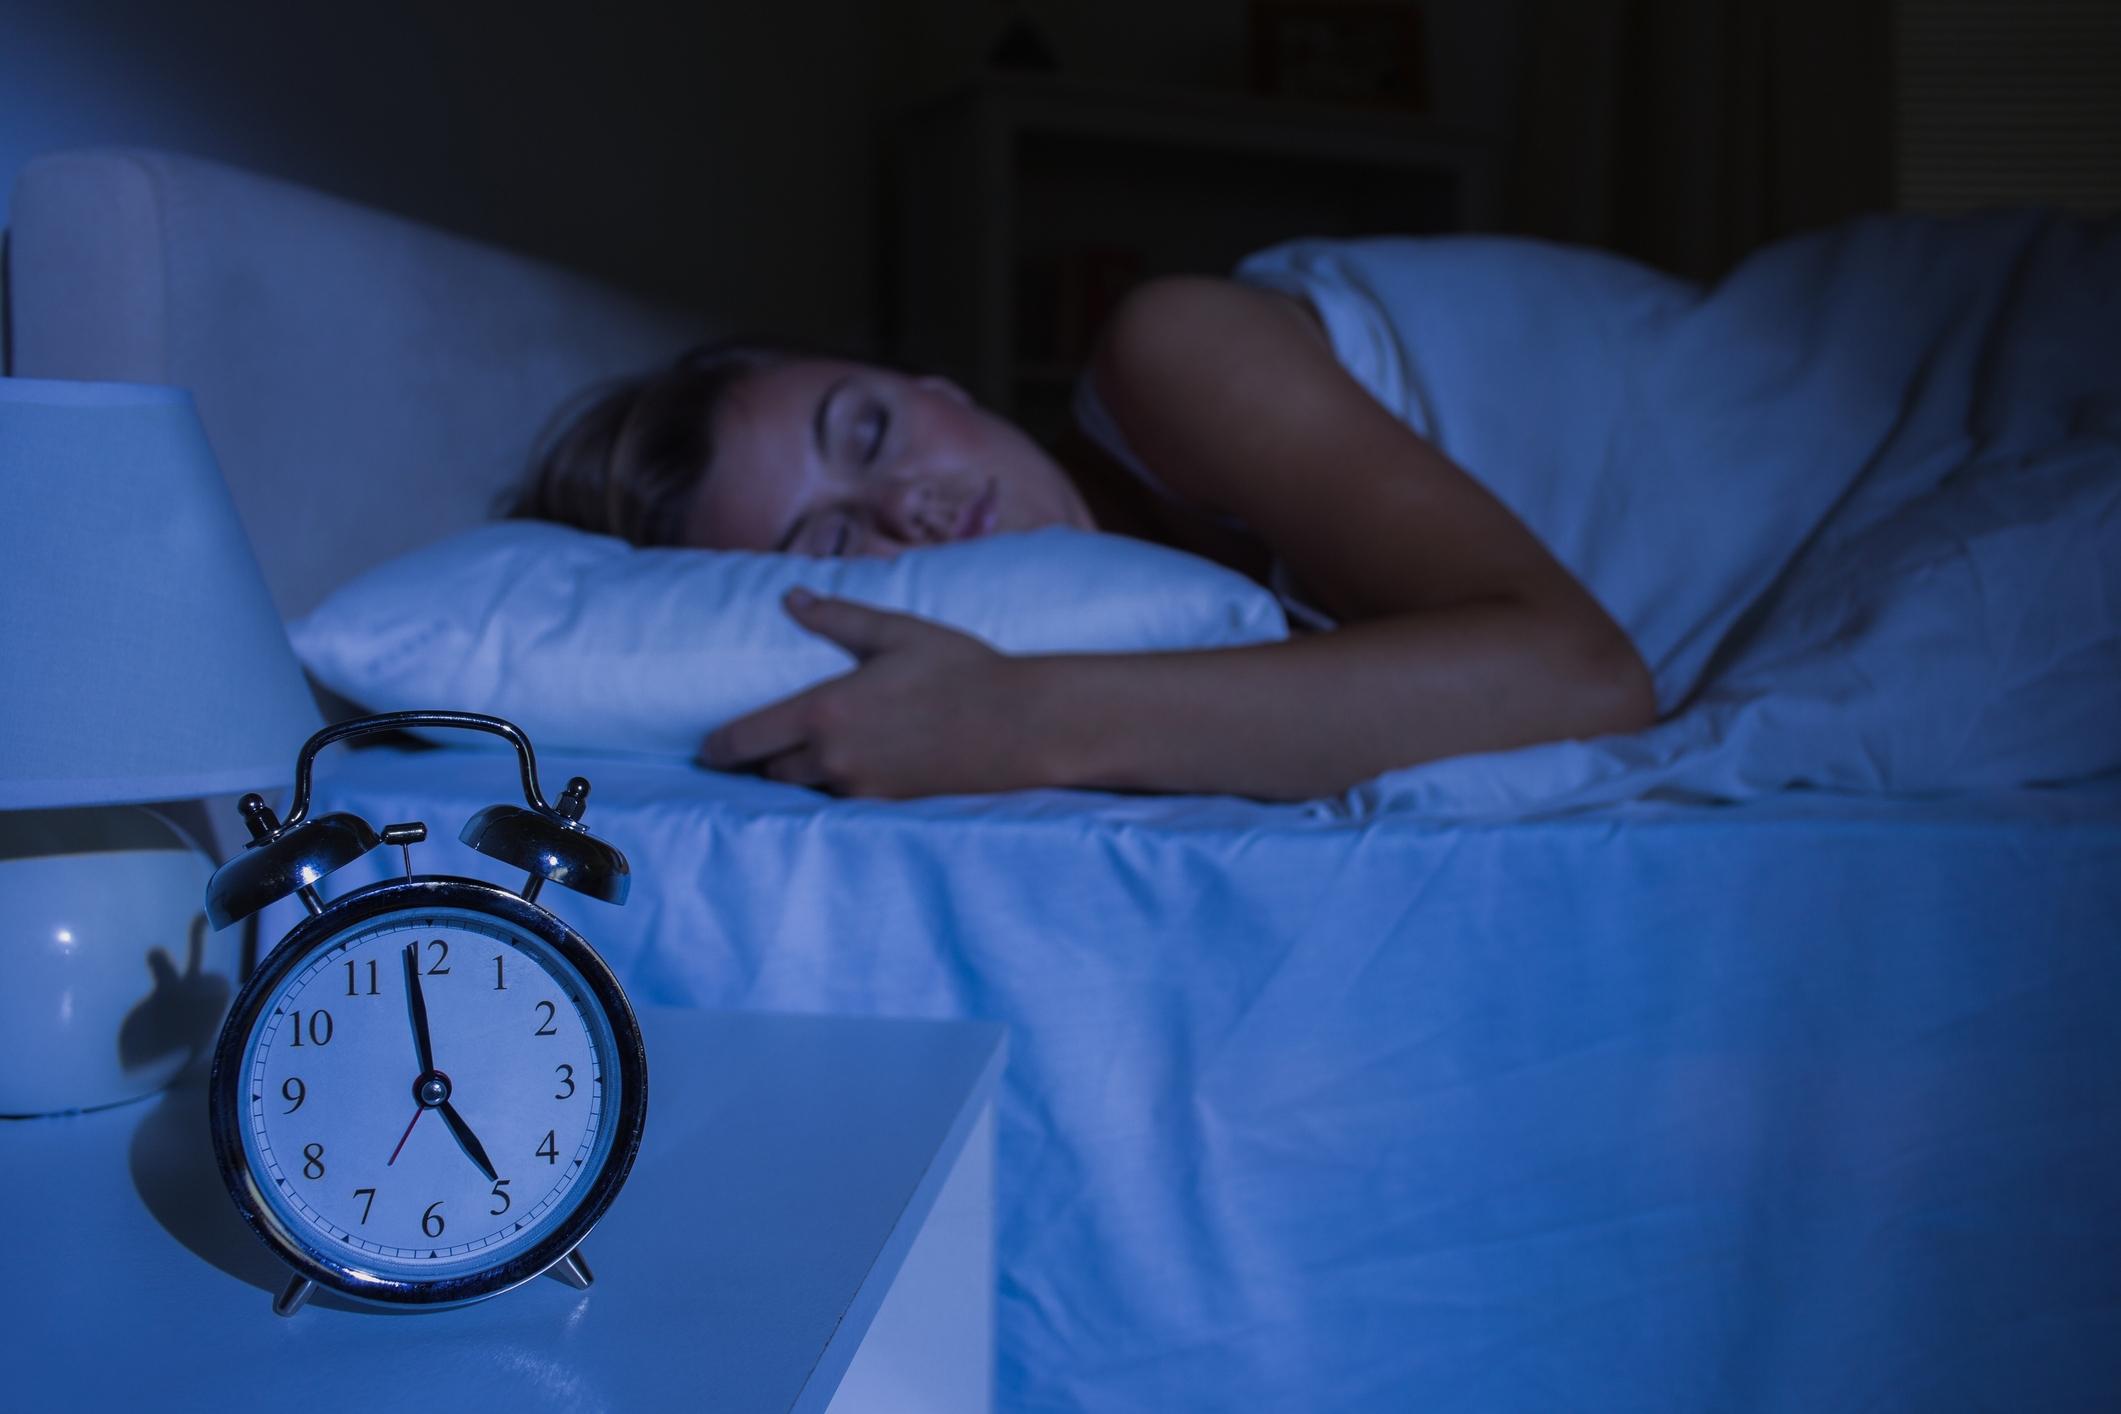 Подценяването на съня. Да, недоспиването вреди много сериозно на диетата ви, особено във връзка с малкия нощен глад.